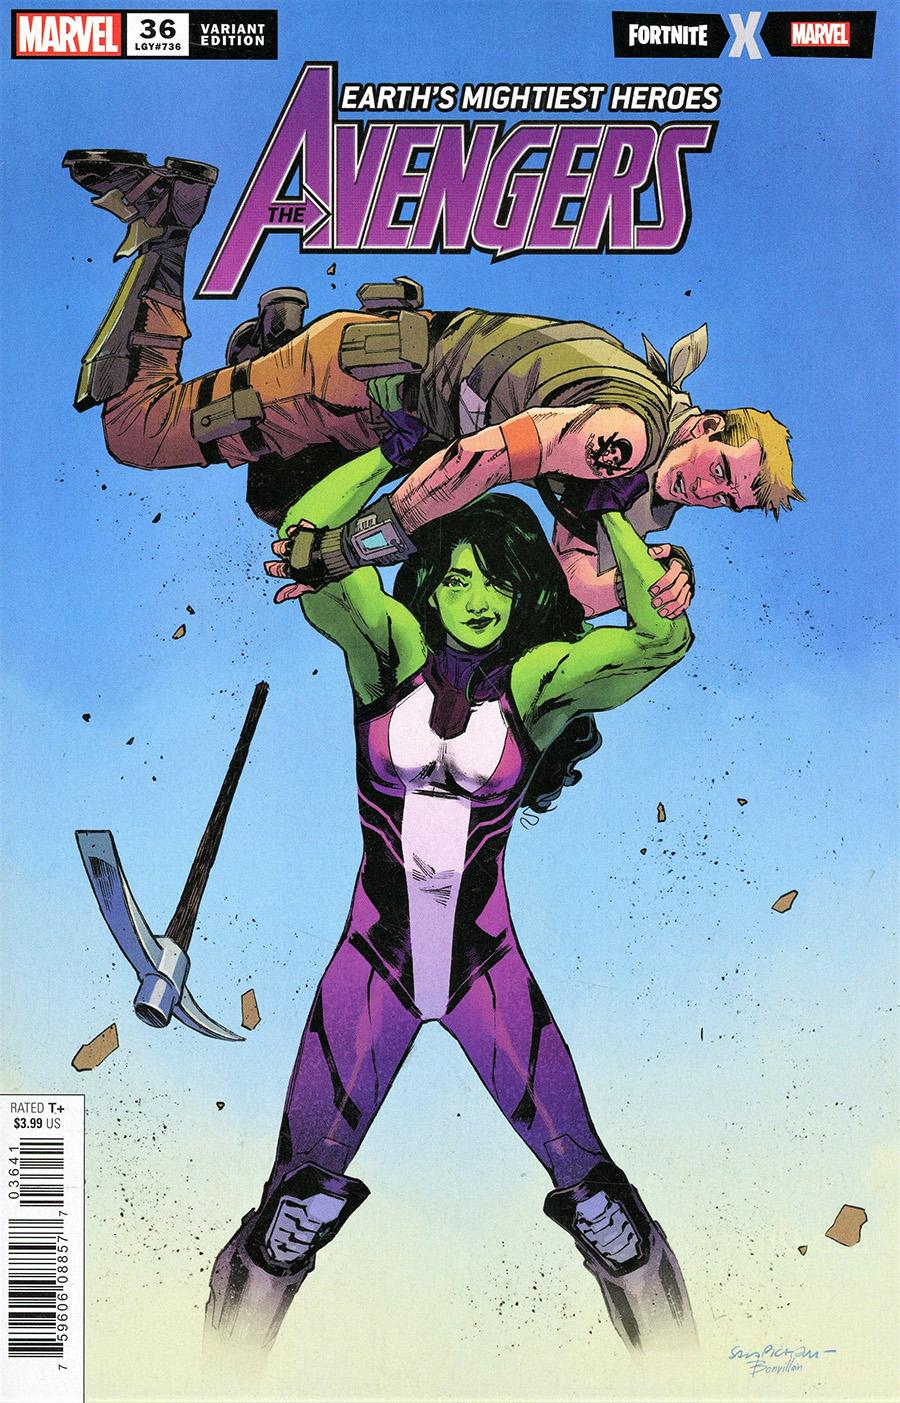 Avengers Vol 7 #36 Cover D Variant Sara Pichelli Fortnite Cover